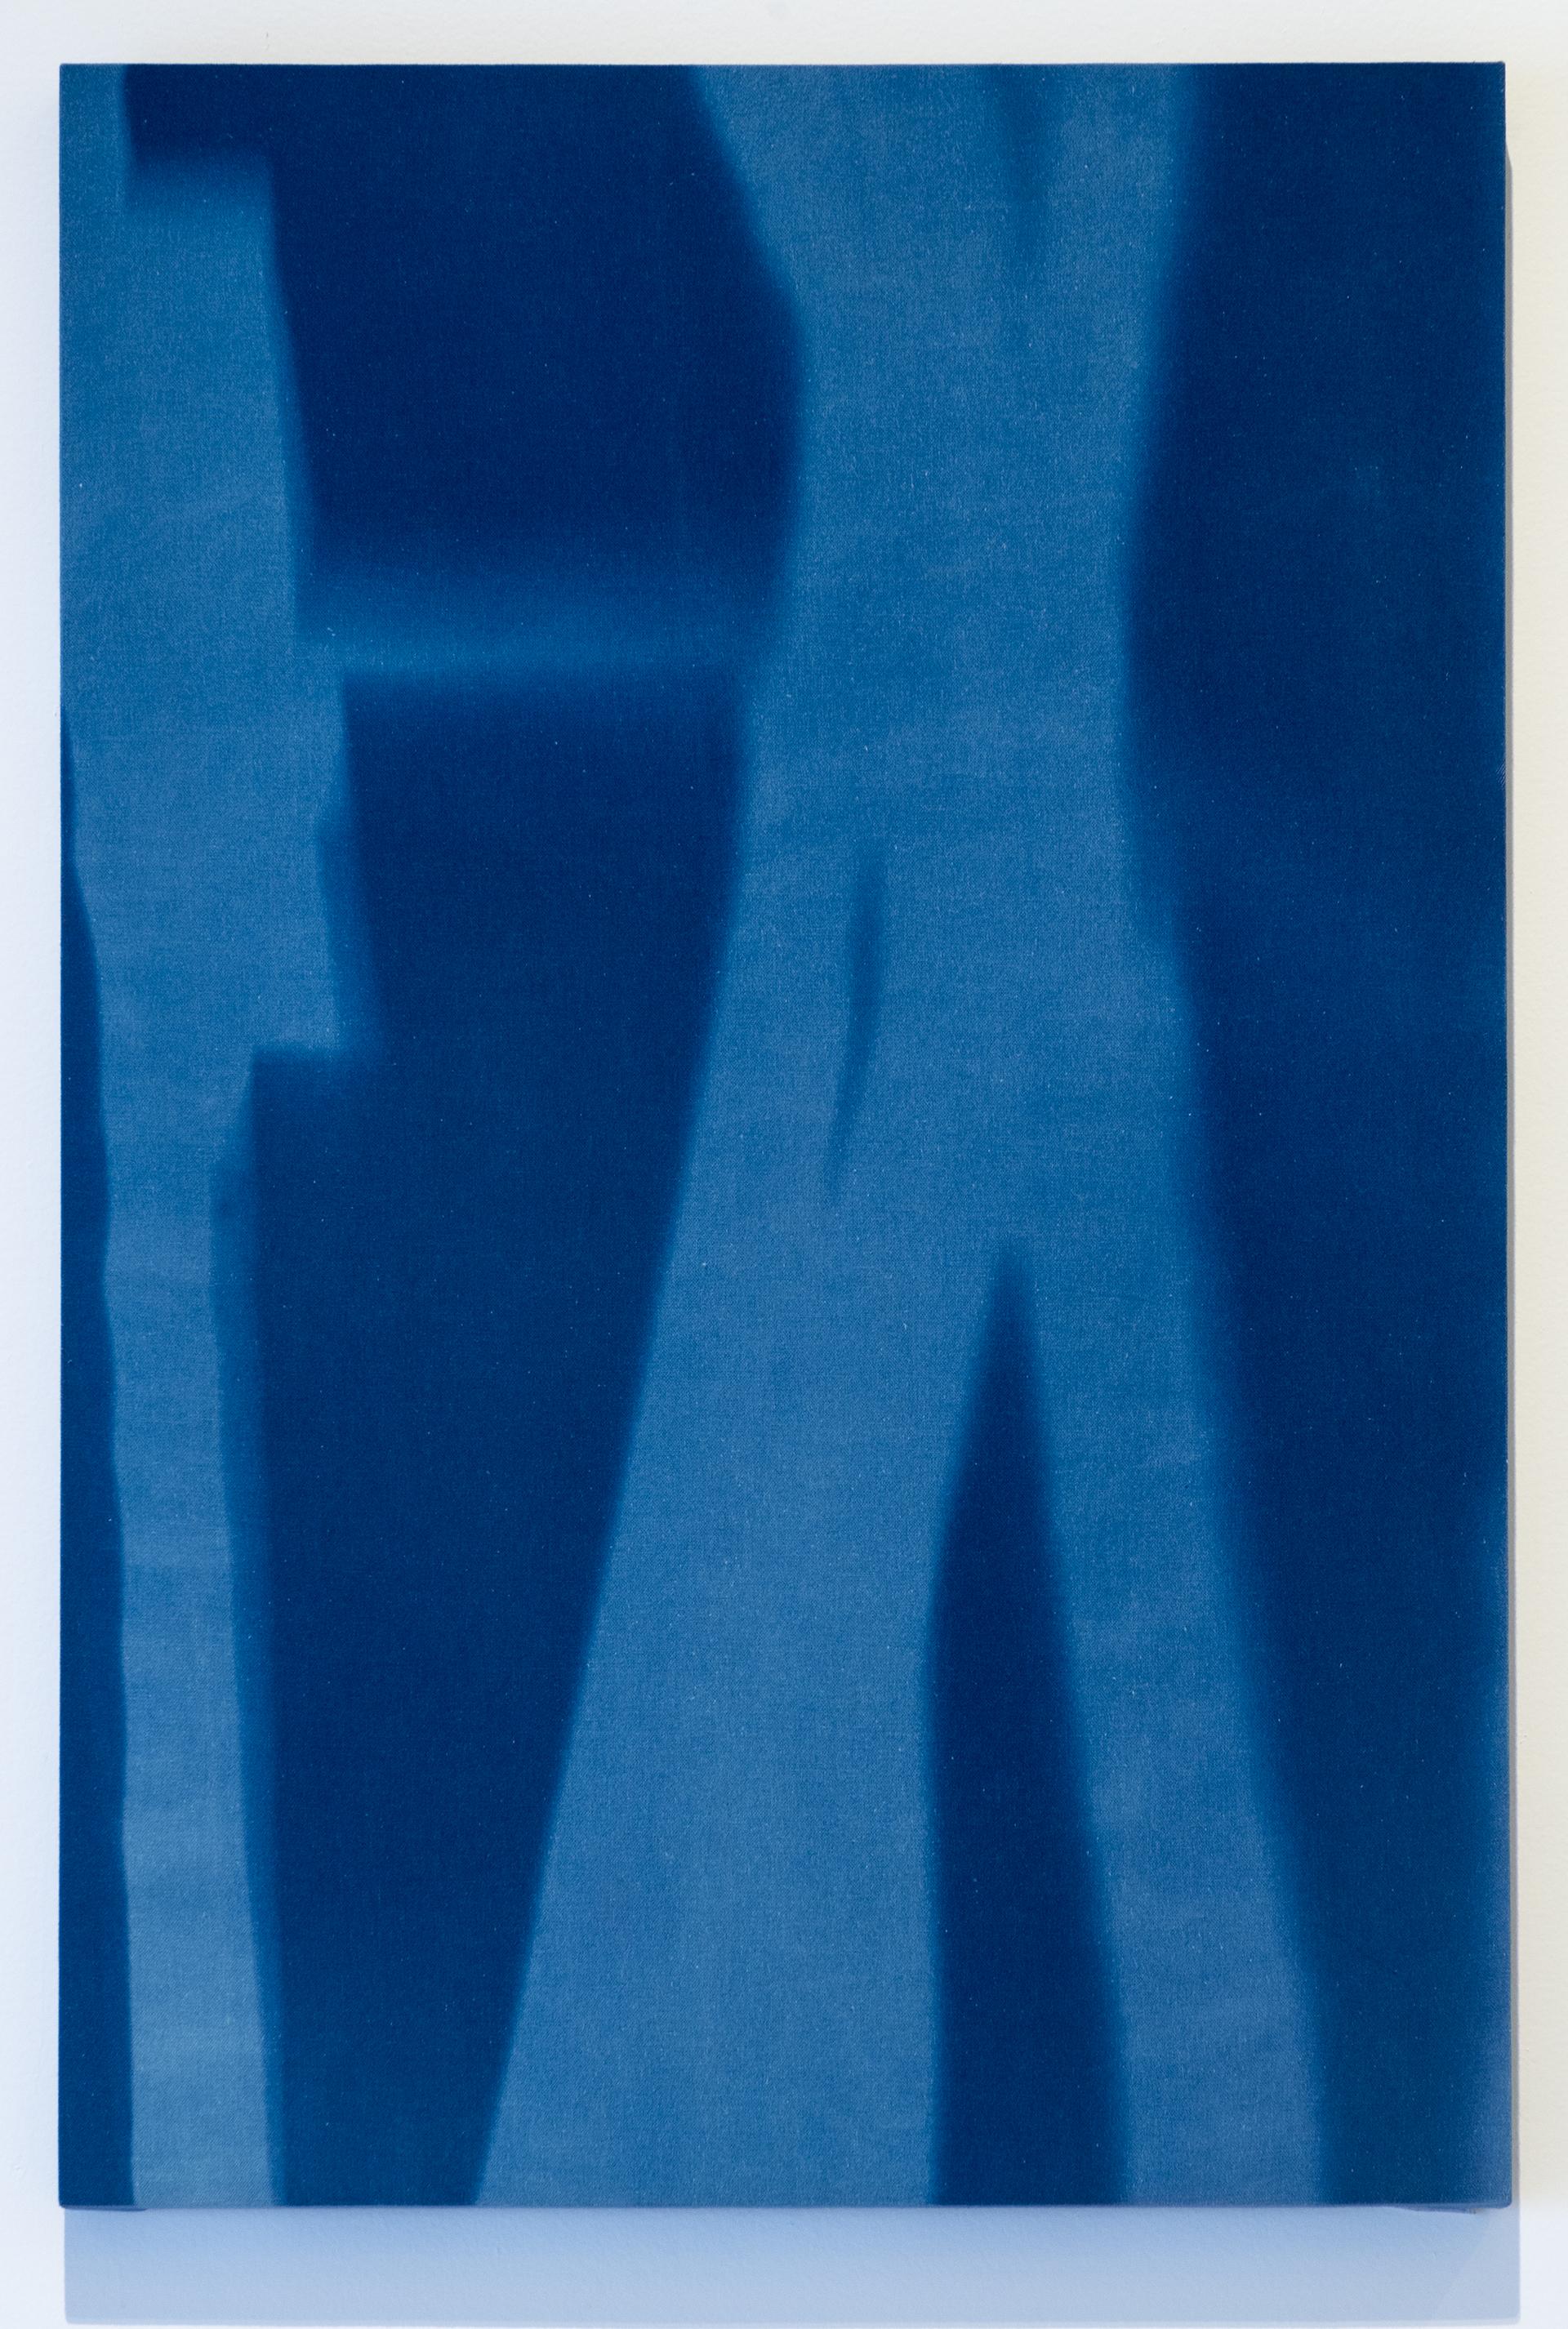 """""""23 de Agosto 2015, 10:47 h. Torre Norte Museo del Chopo, tiempo de exposición13 min"""" Cianotipia sobre tela montado sobre bastidor  90x60 cm (35 x 23"""")"""